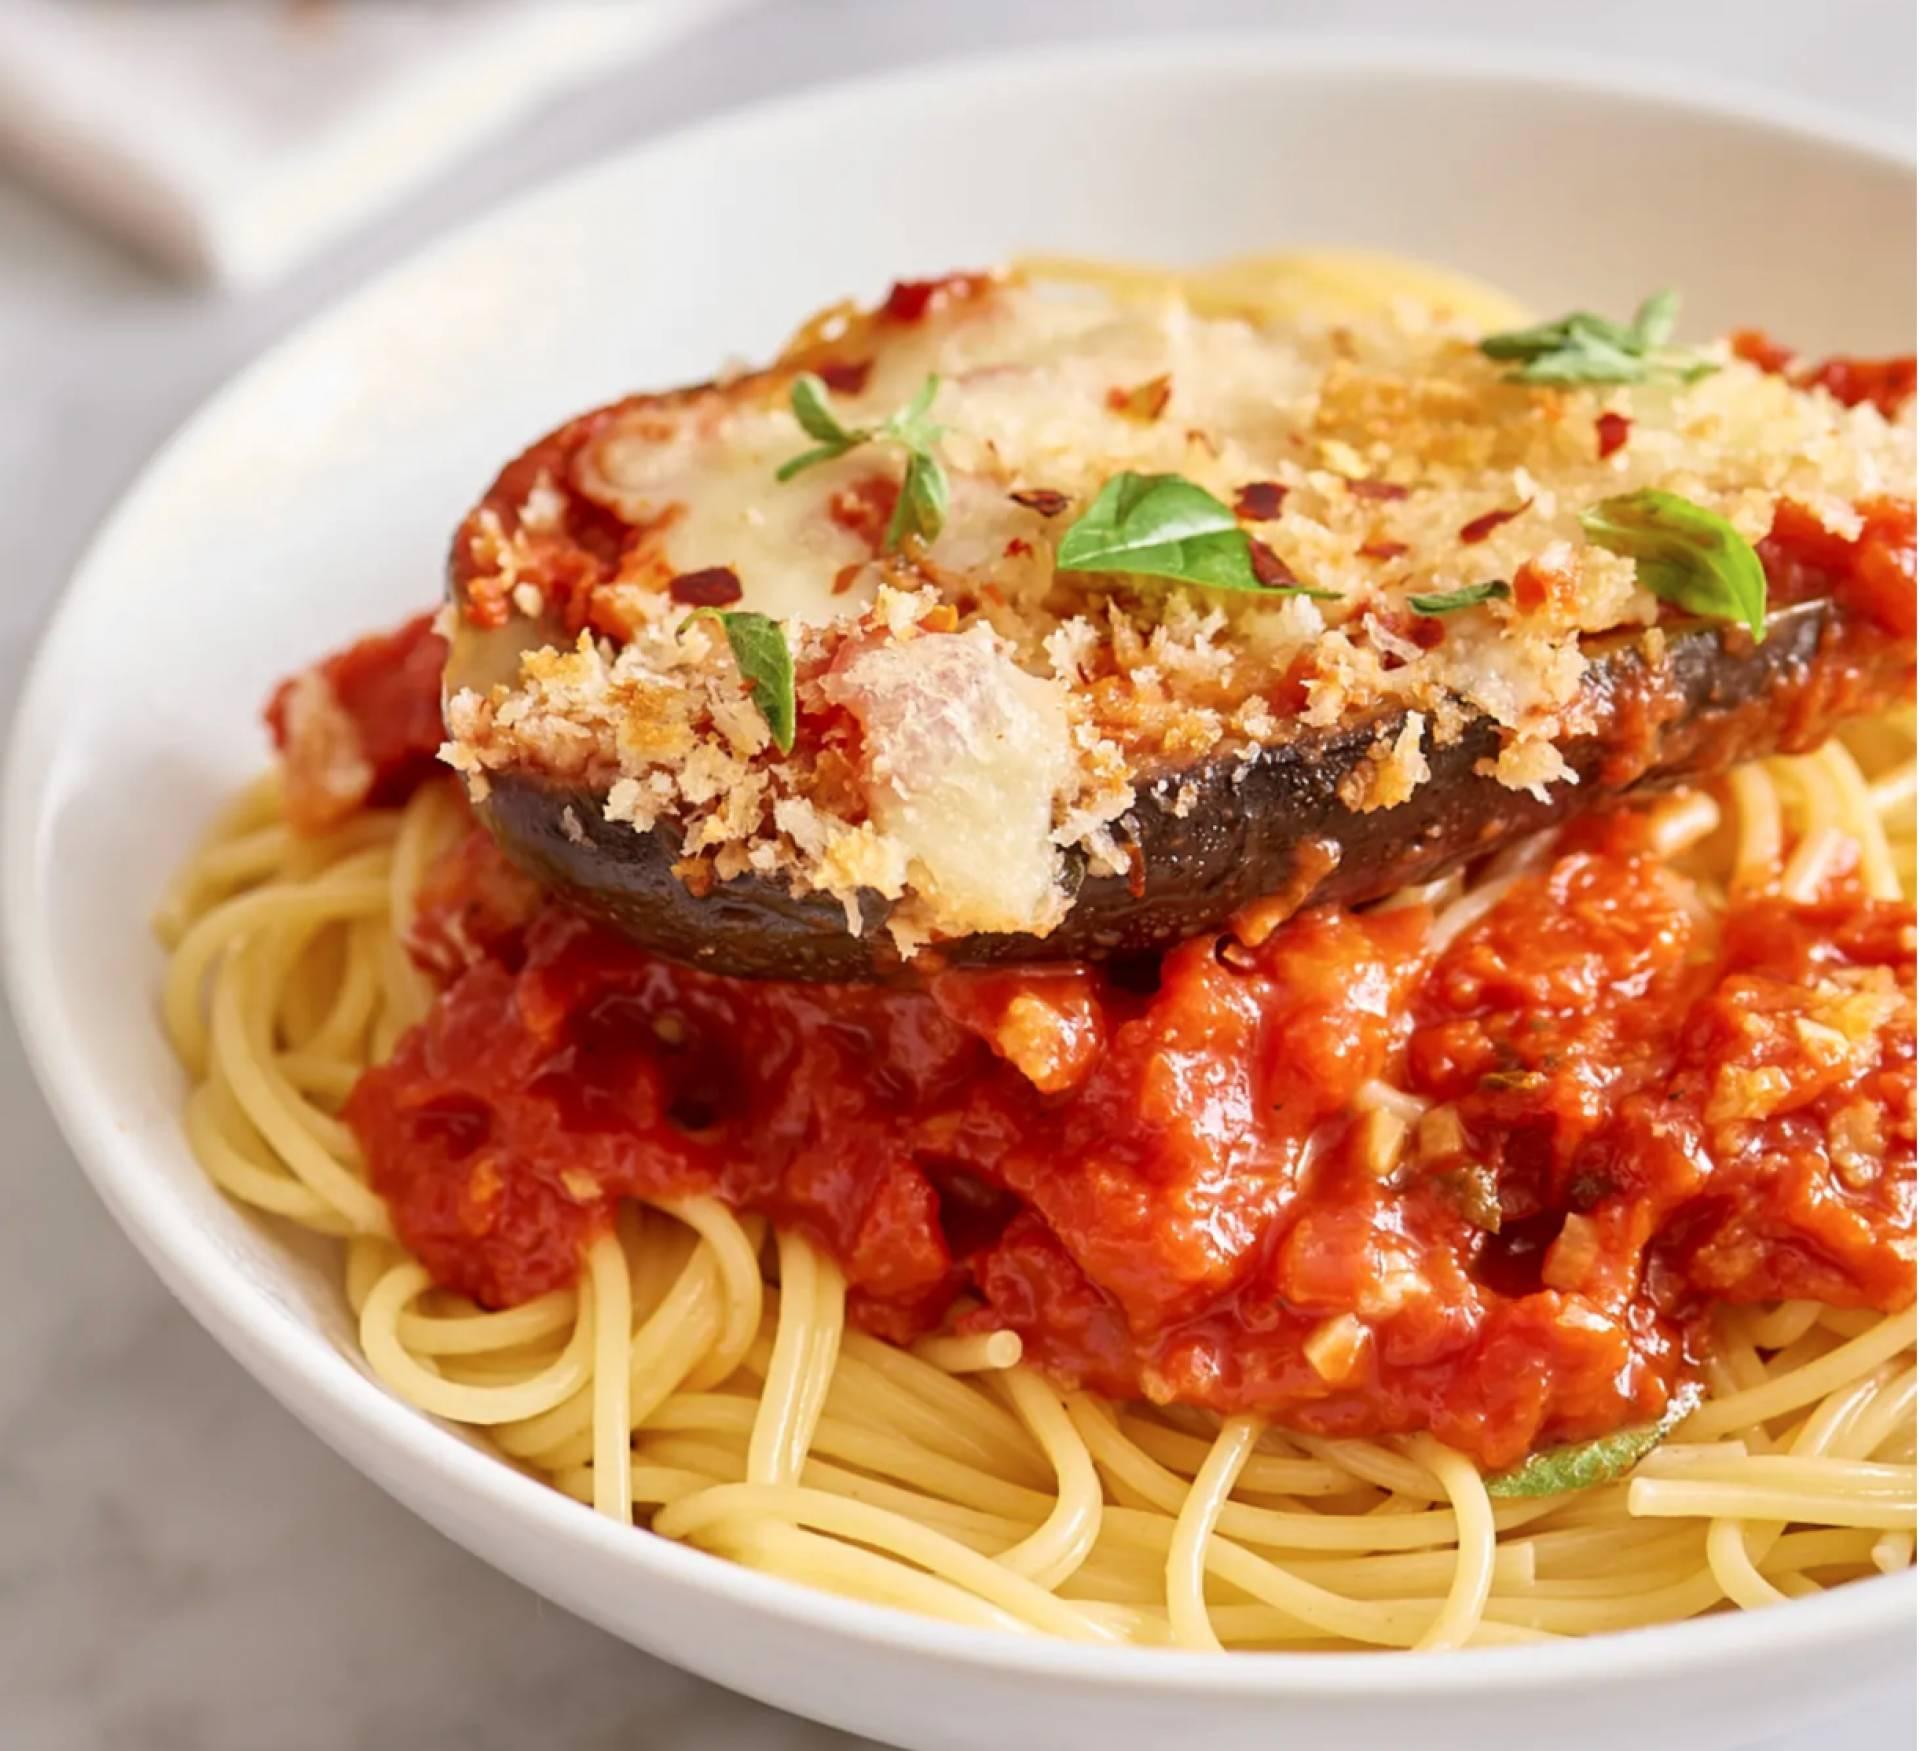 VEGETARIAN Eggplant Parmesan over Gluten-free Noodles